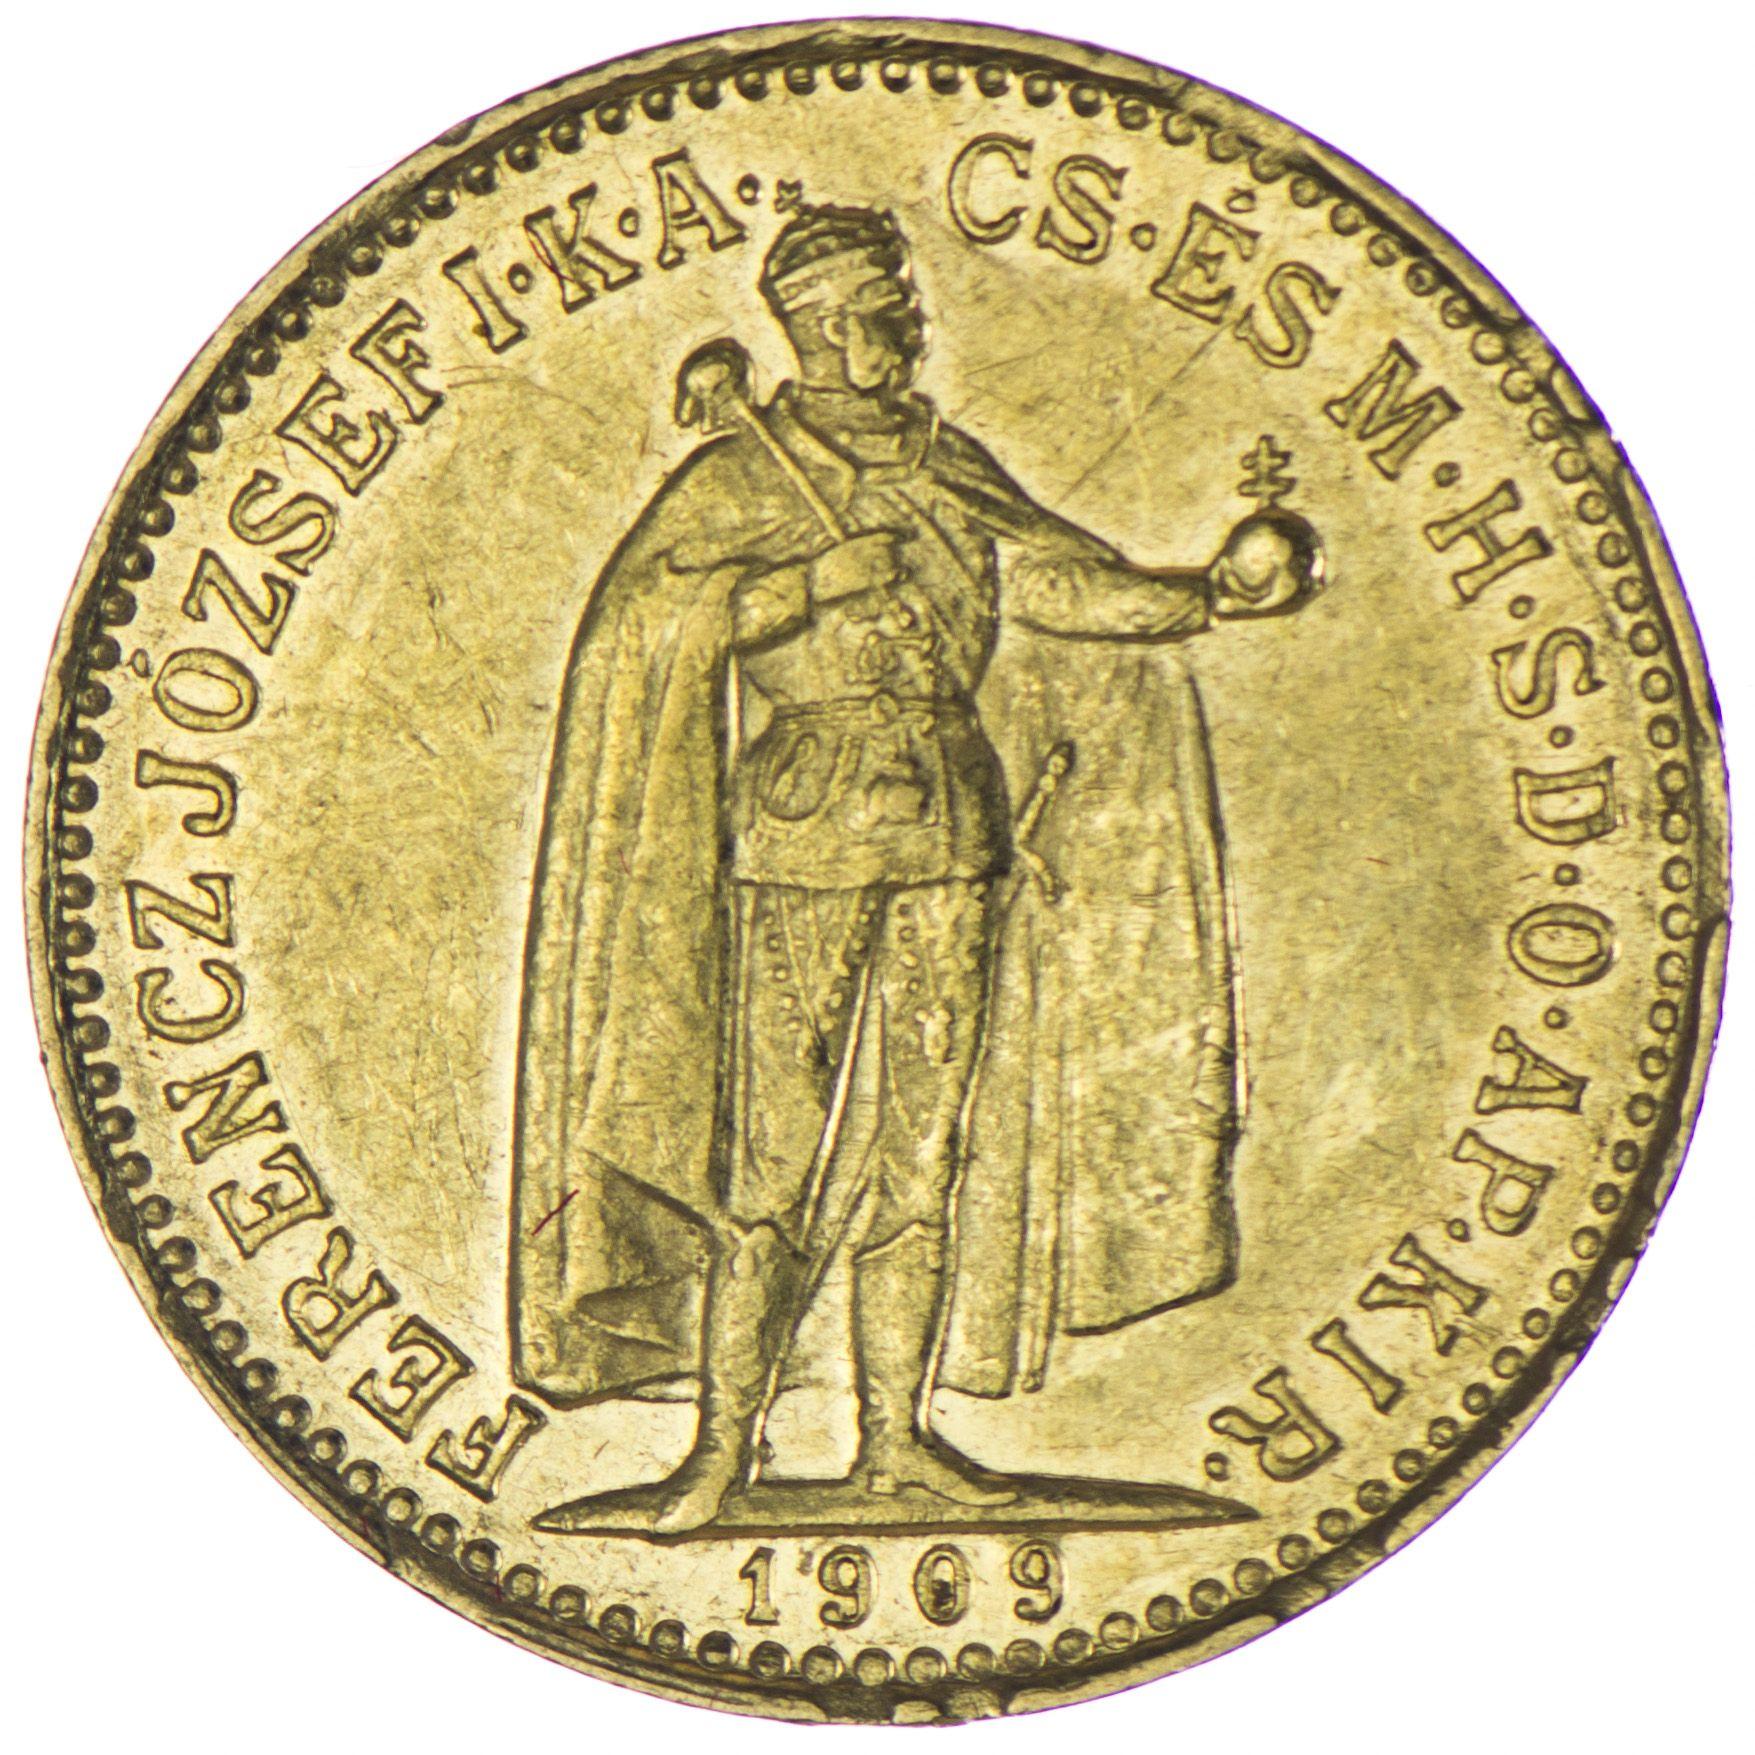 Золотая монета 10 крон 1909 года. Австро-Венгрия. Король Франц Иосиф I